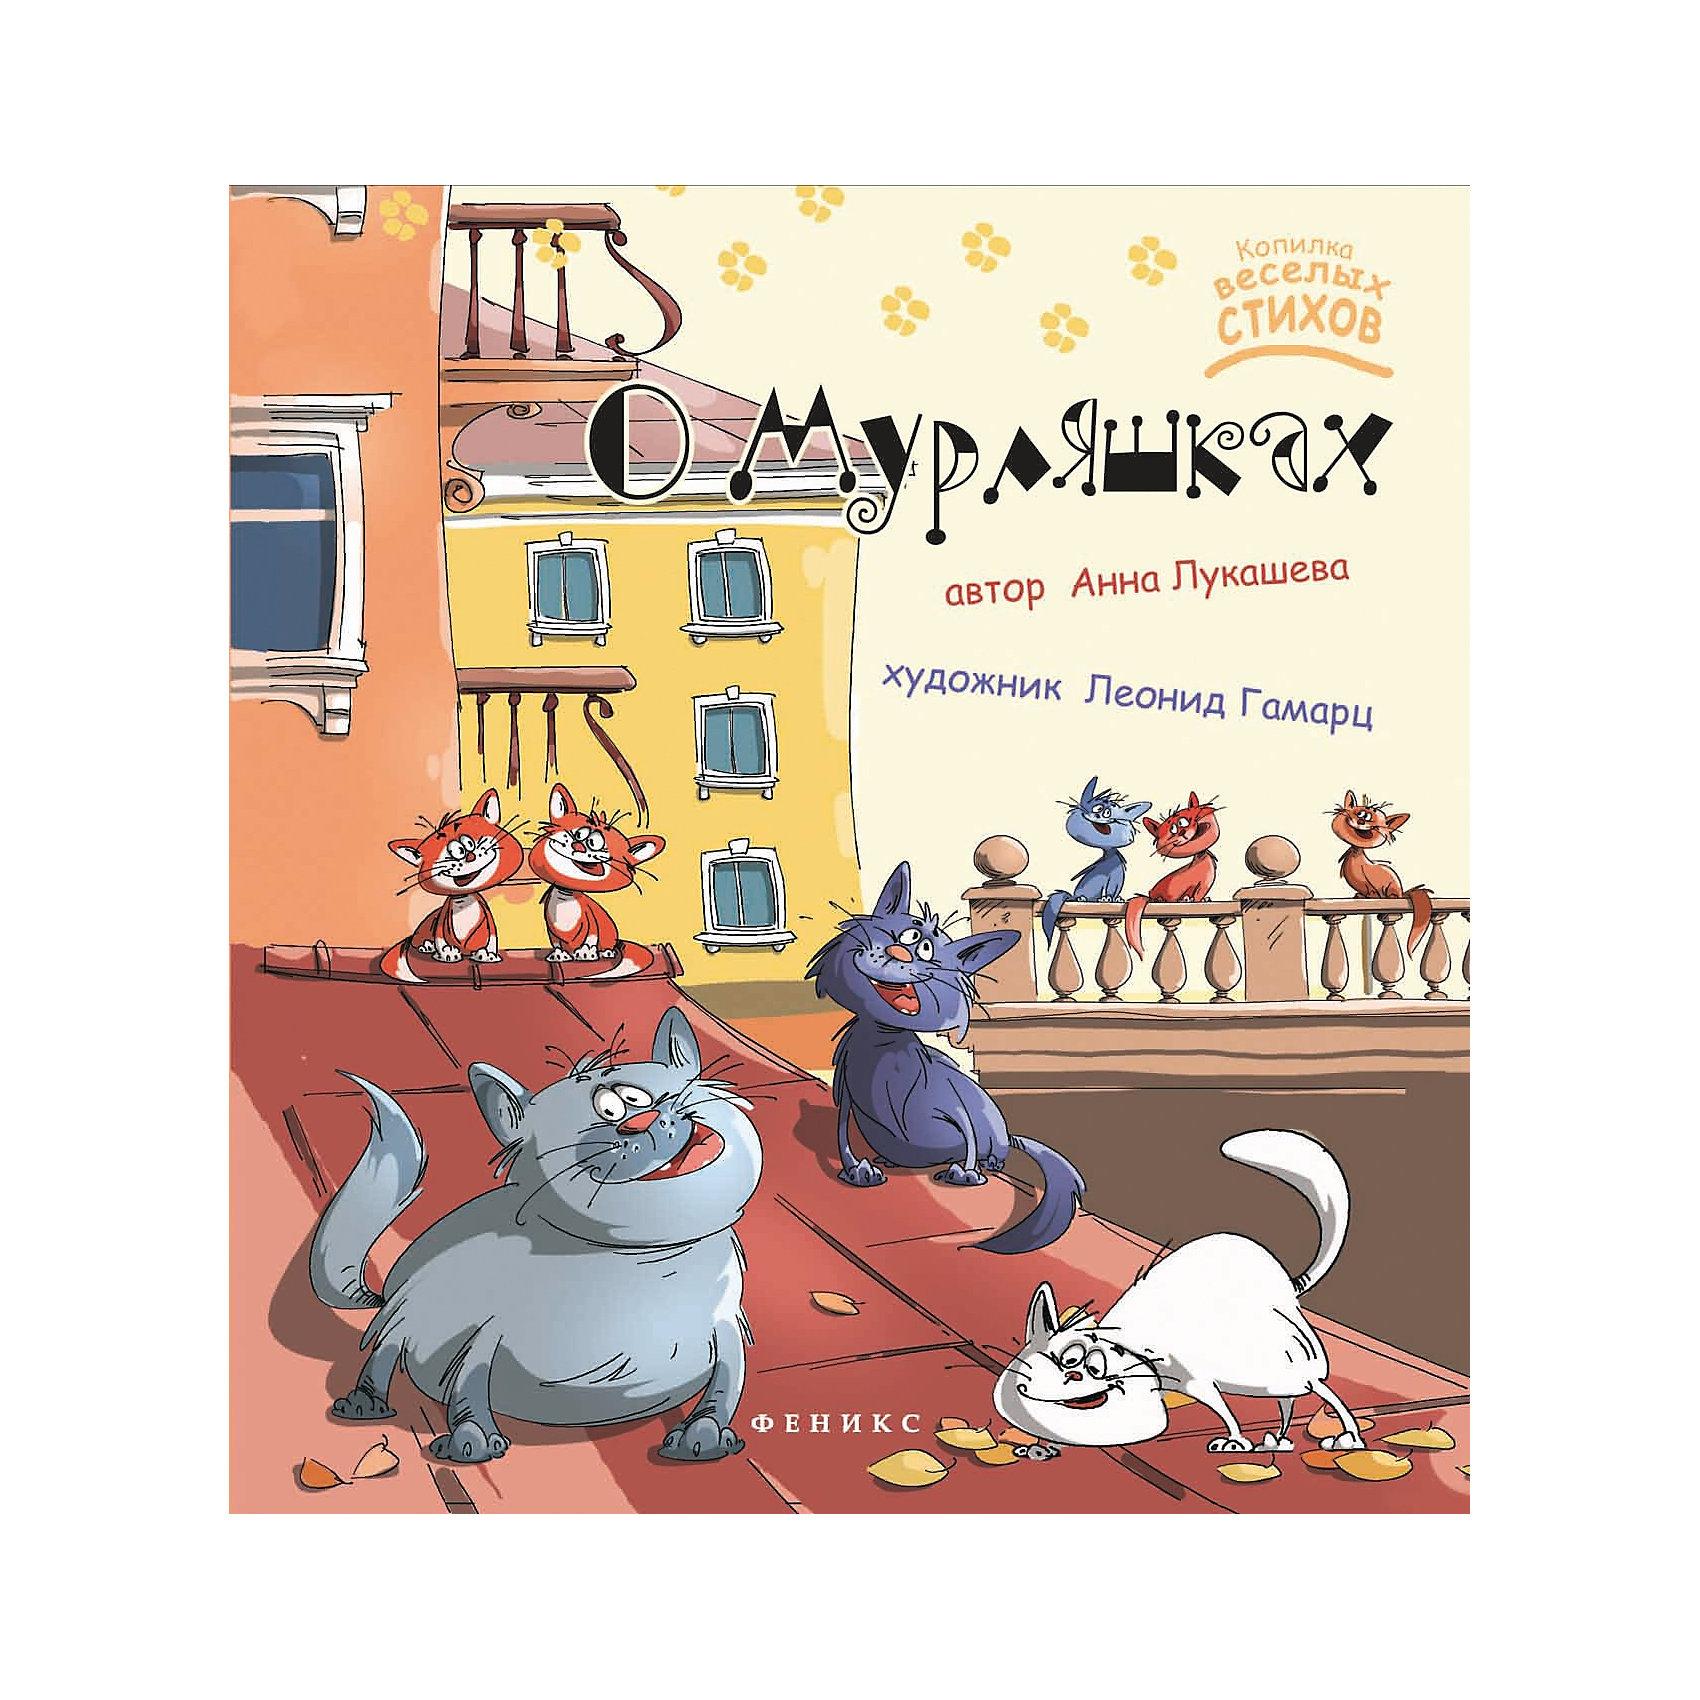 О Мурляшках, А. ЛукашеваРассказы и повести<br>В этой книге вы встретите много забавных и веселых котов.  Хитрых и ласковых, пушистых и взъерошенных – разных, как и мы сами. И пусть каждый найдет своего  «мурляшку», а книга подарит хорошее настроение  и детям, и взрослым.<br><br>Ширина мм: 280<br>Глубина мм: 215<br>Высота мм: 7<br>Вес г: 413<br>Возраст от месяцев: 36<br>Возраст до месяцев: 72<br>Пол: Унисекс<br>Возраст: Детский<br>SKU: 3103107